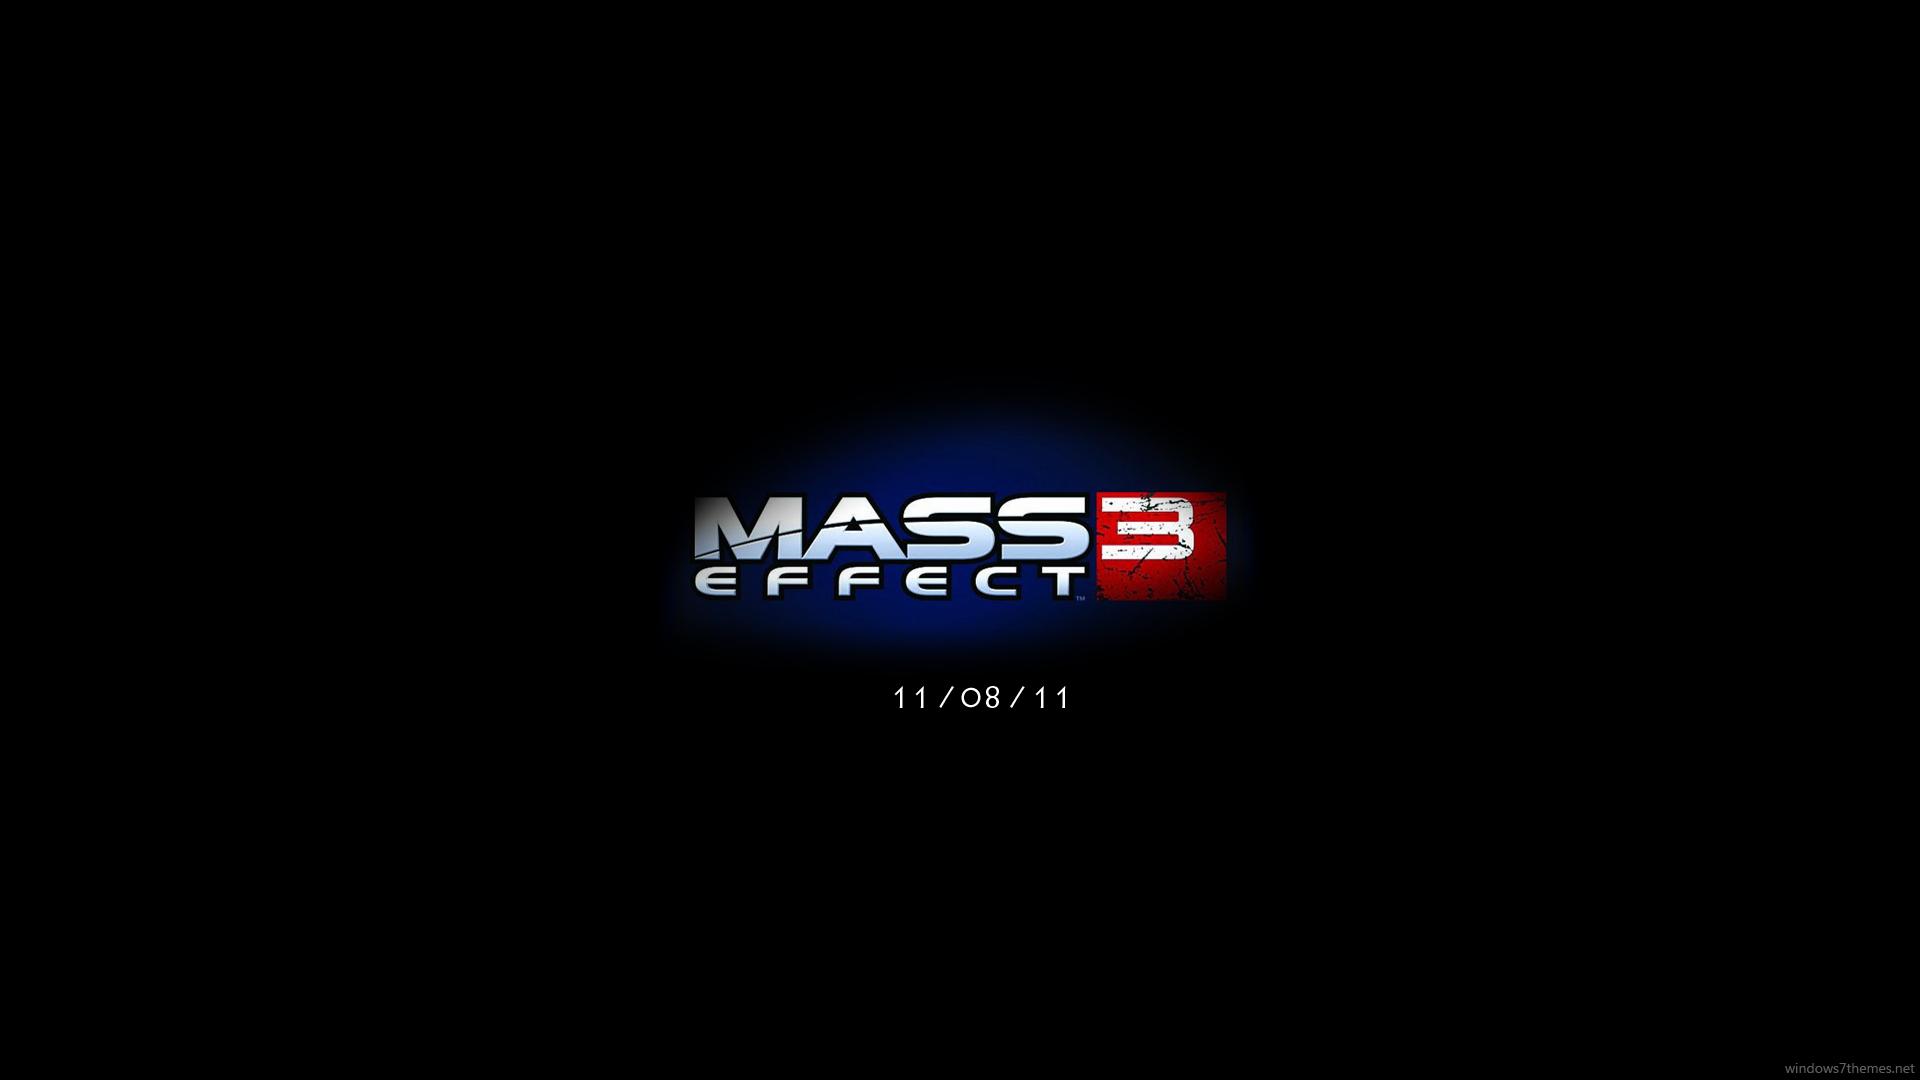 New Mass Effect 3 Wallpaper HDWidescreen 1920x1080